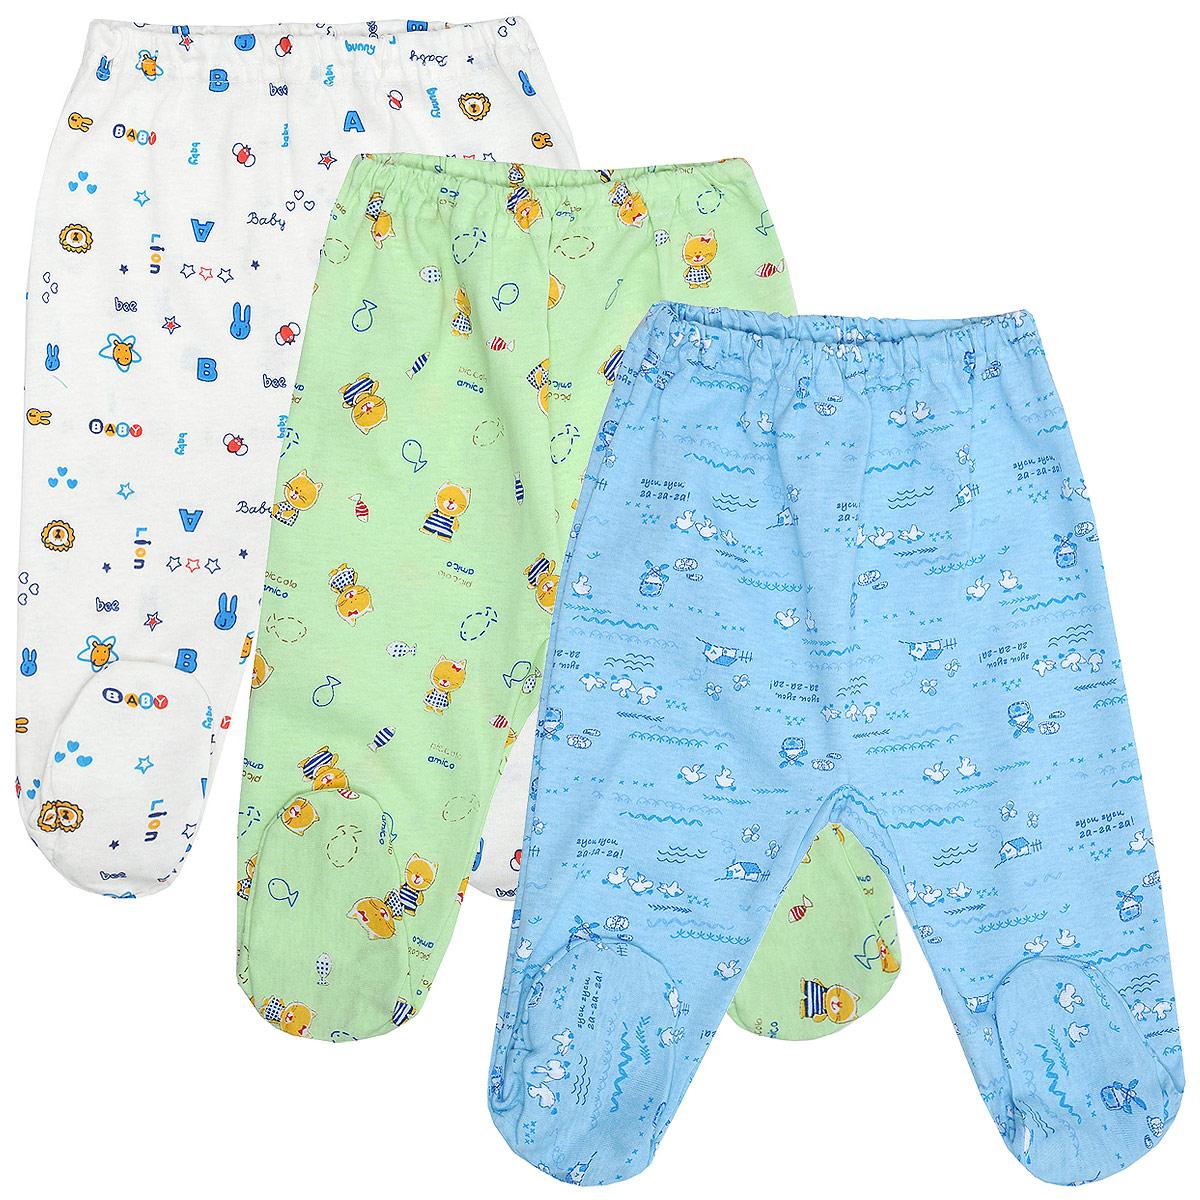 Комплект ползунков для мальчика Фреш стайл, 3 цвета, 3 шт. 10-506м. Размер 68, 6 месяцев10-506мКомплект Фреш Стайл состоит из трех ползунков для мальчика разных цветов с забавными рисунками.Ползунки - очень удобный и практичный вид одежды для малышей. Отлично сочетаются с футболками, кофточками и боди. Ползунки с закрытыми ножками выполнены из натурального хлопка, благодаря чему они необычайно мягкие и приятные на ощупь, не раздражают нежную кожу ребенка и хорошо вентилируются. Ползунки очень удобные, свободные, с мягкой резинкой на талии. Идеально подходят для ношения с подгузником и без него.Современный дизайн и яркая расцветка делают этот комплект оригинальным и стильным предметом детского гардероба.УВАЖАЕМЫЕ КЛИЕНТЫ! Обращаем ваше внимание на возможные изменения в дизайне, связанные с ассортиментом продукции: рисунок и цветовая гамма могут отличаться от представленного на изображении. Возможные варианты рисунков и цветов представлены на отдельном изображении фрагментом ткани.